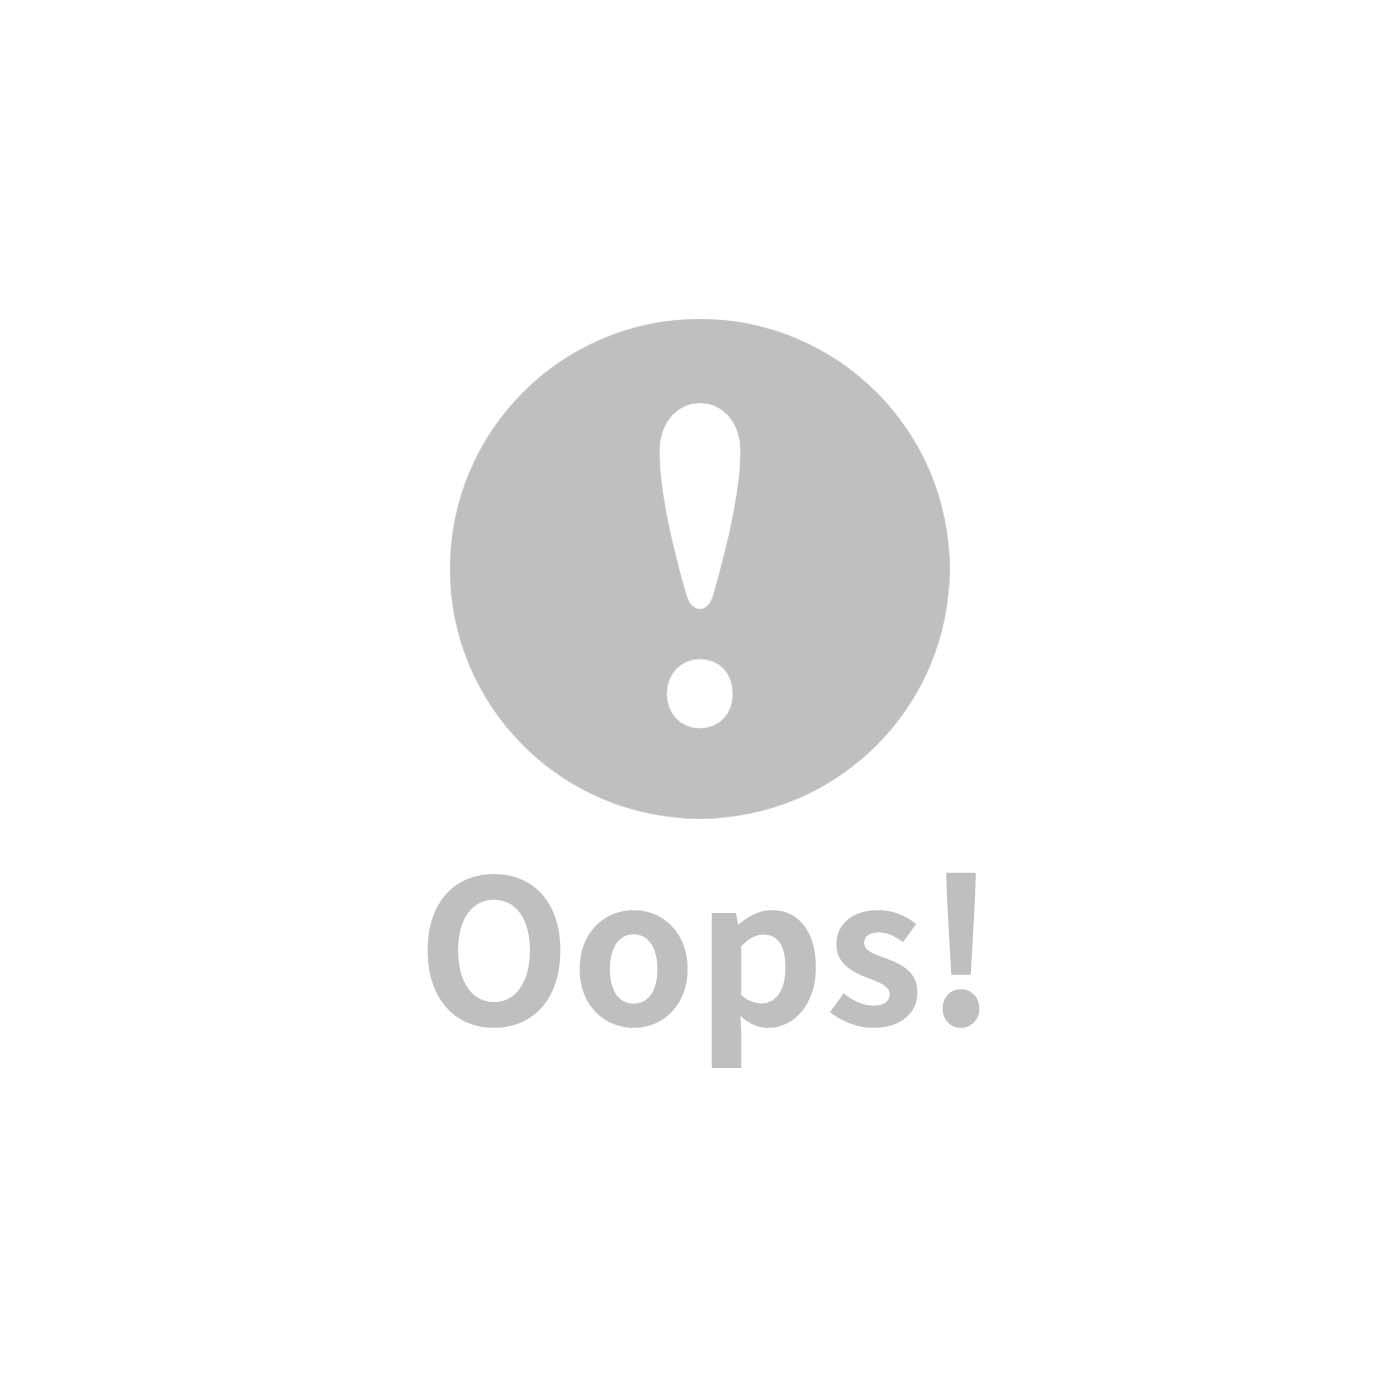 global affairs 童話手工編織安撫玩偶2(36cm)-美人魚